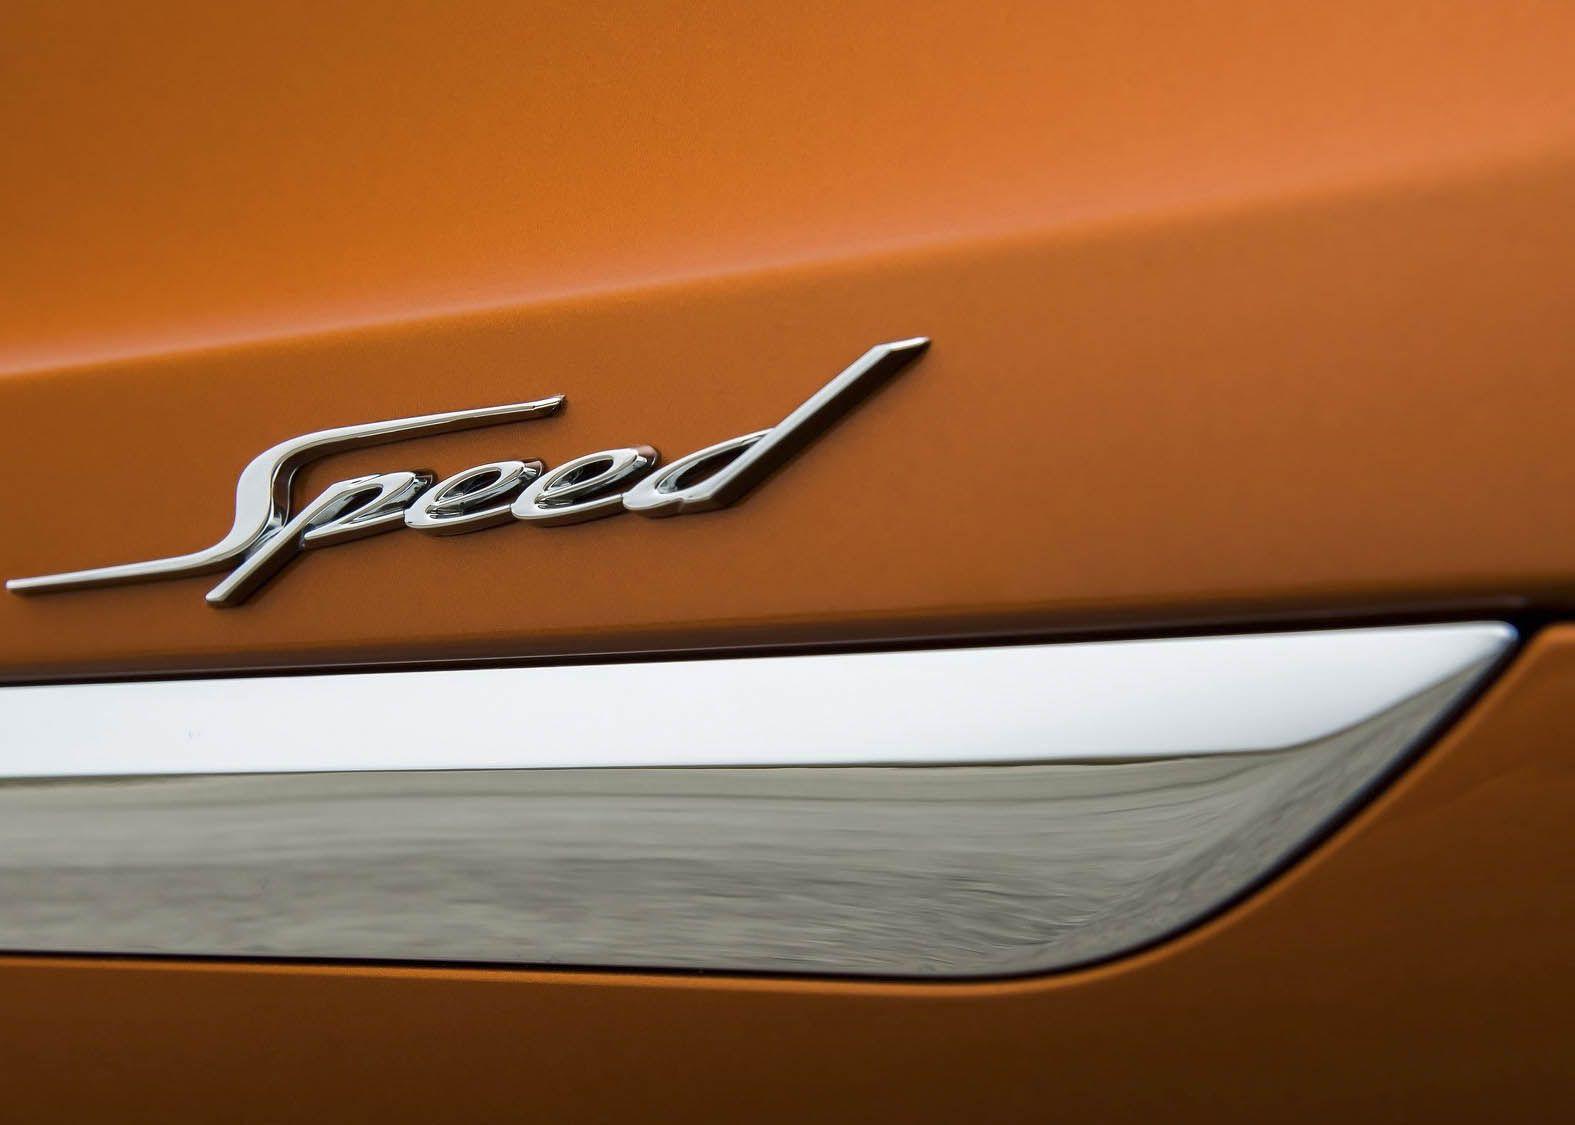 宾利添越Speed官图发布 百公里加速3.9秒